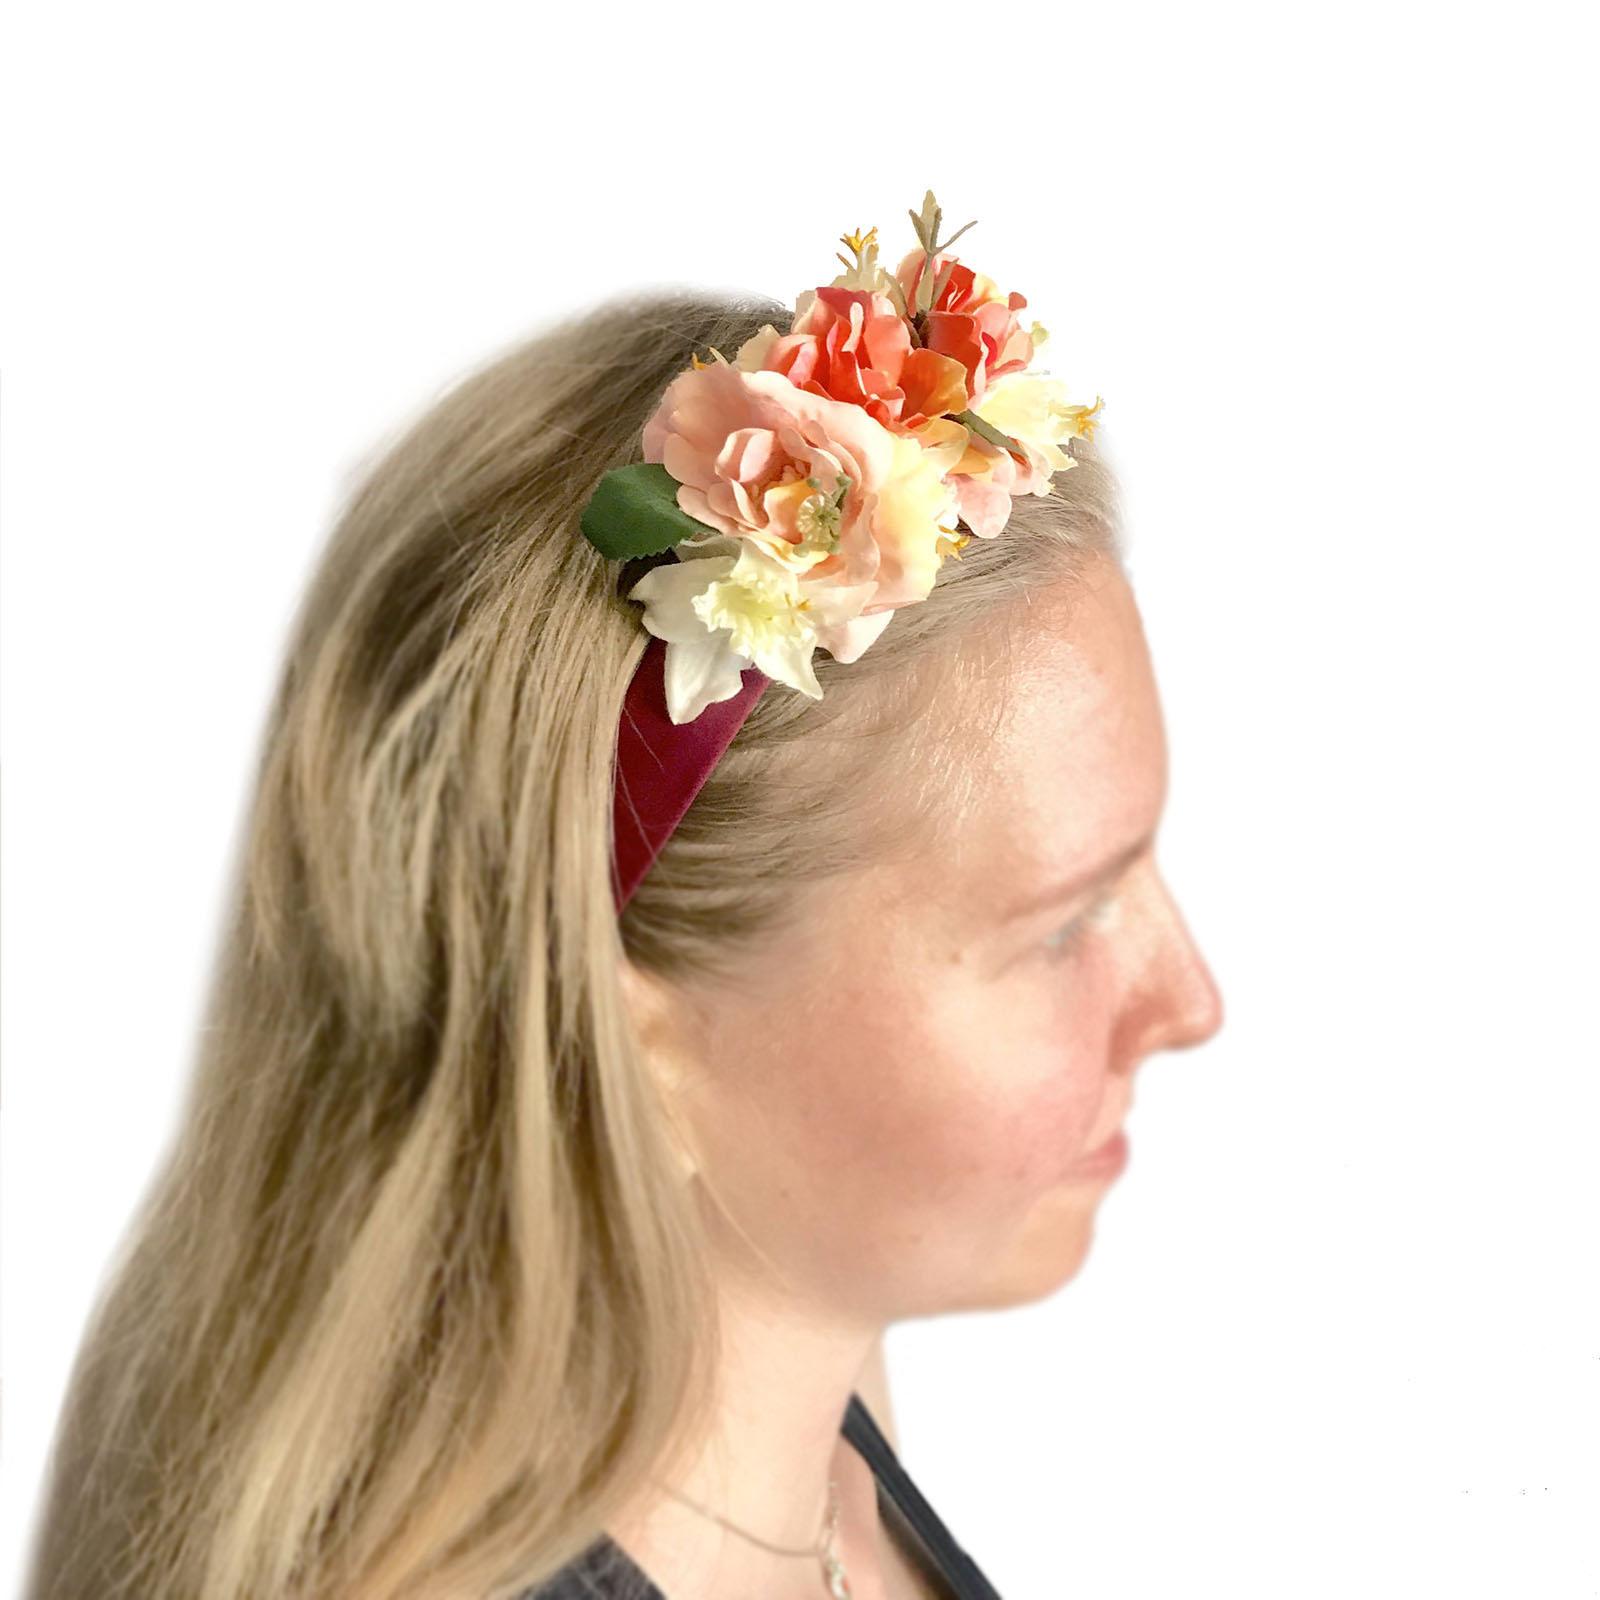 plauku geliu lankelis ranu darbo dovanos moterims merginoms panelems ziedlapiu lankeliai dovana mergvakario lankelis aksesuarai papuosalai moterims 12